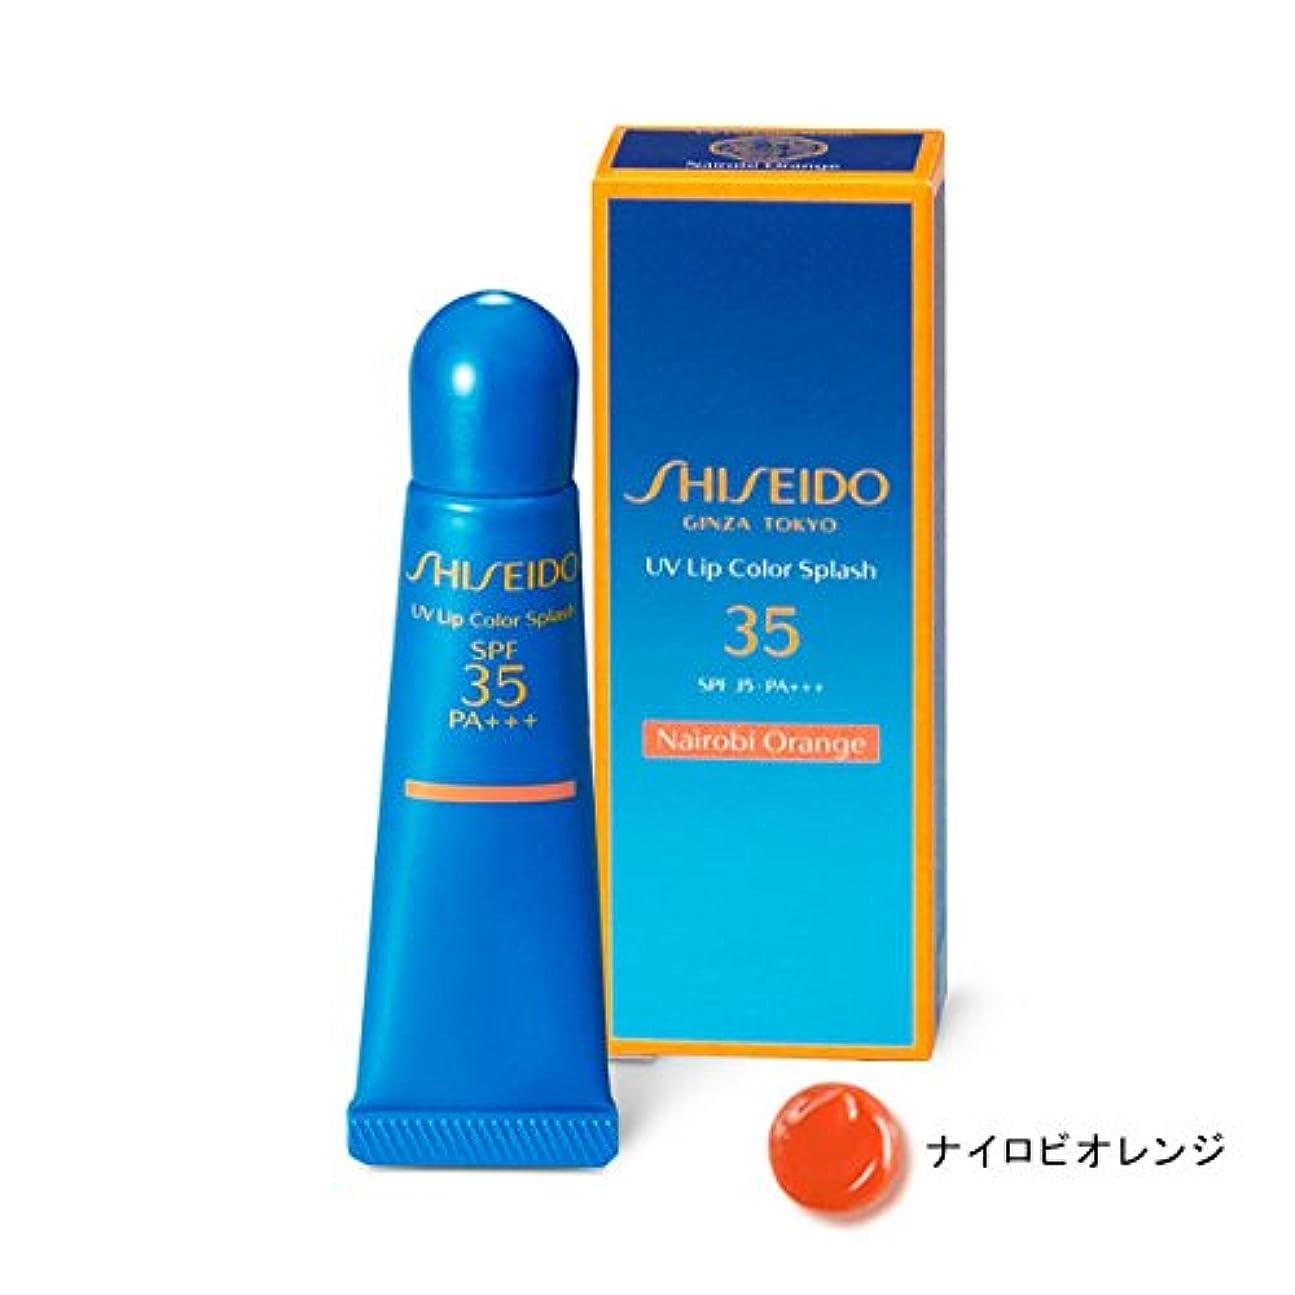 嘆願ノーブル愛人SHISEIDO Suncare(資生堂 サンケア) SHISEIDO(資生堂) UVリップカラースプラッシュ (ナイロビオレンジ)